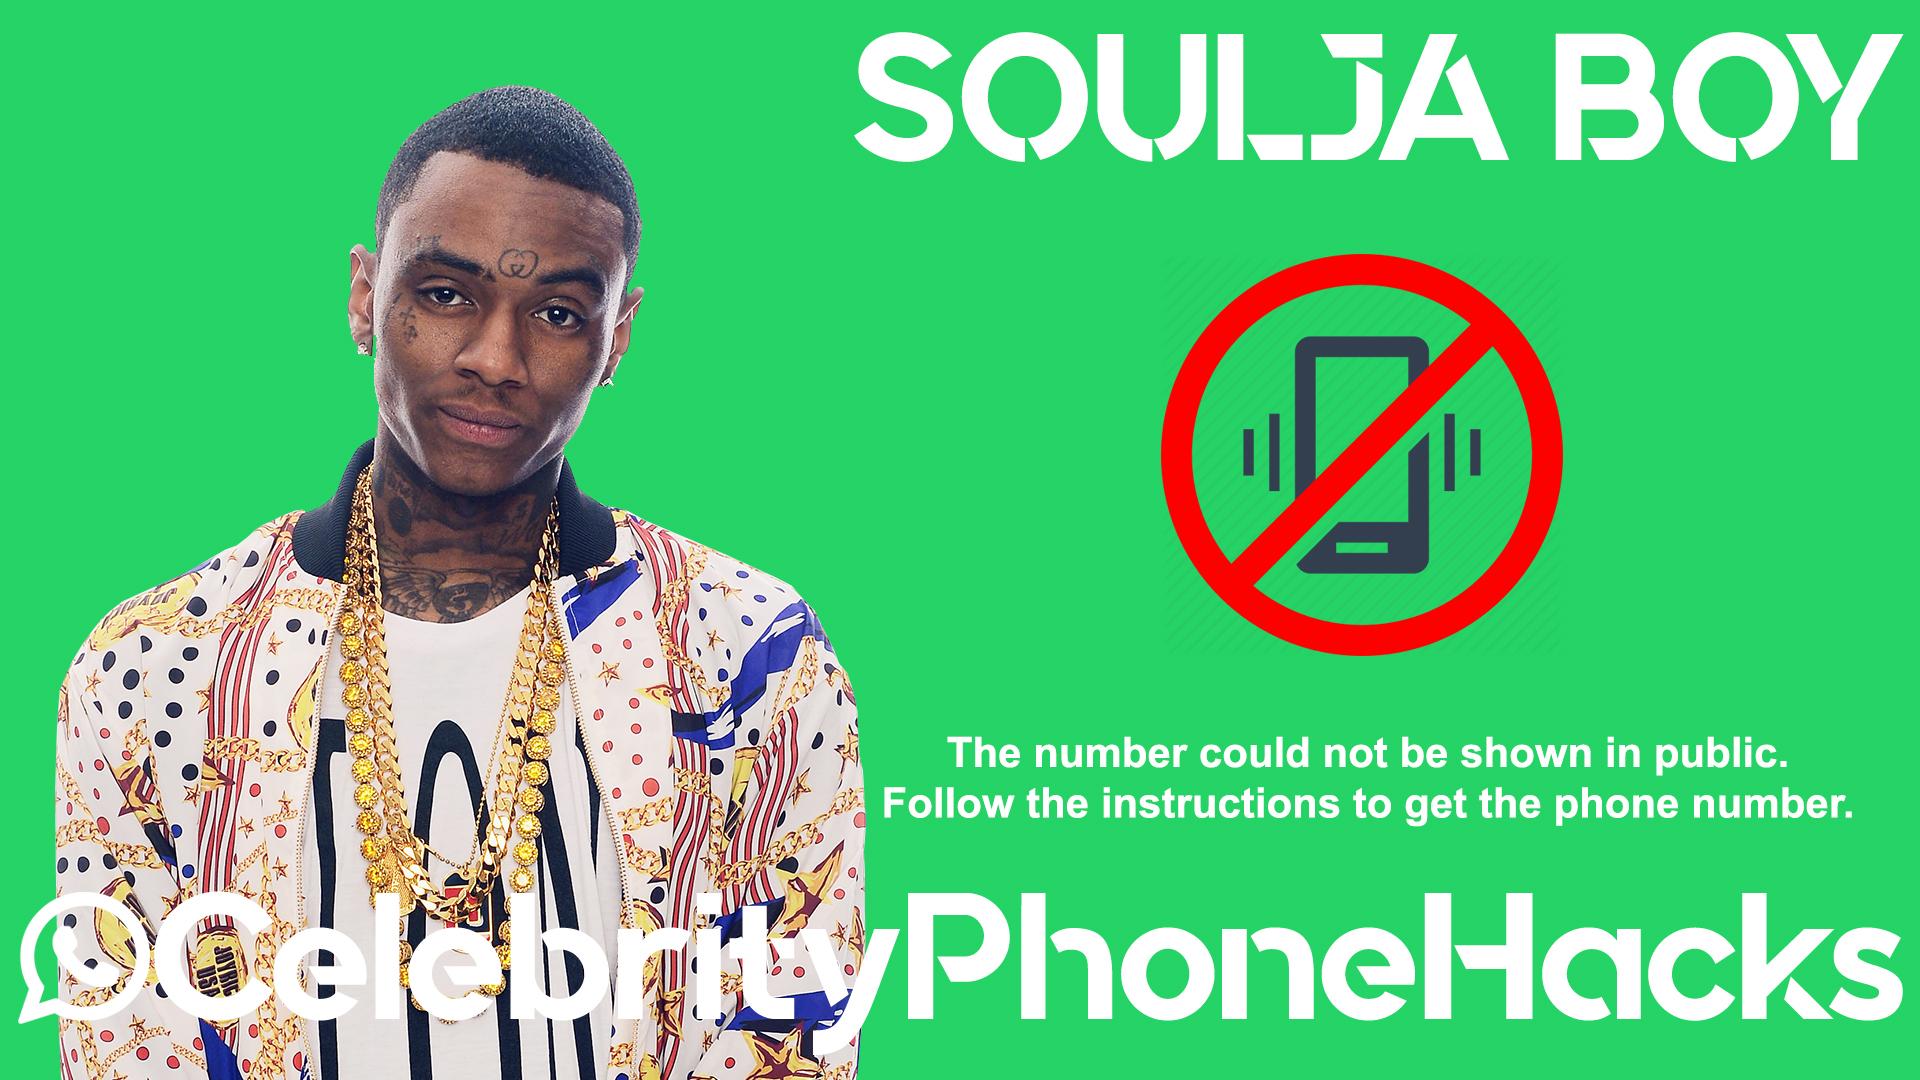 Soulja Boy real phone number 2019 whatsapp hacked leaked